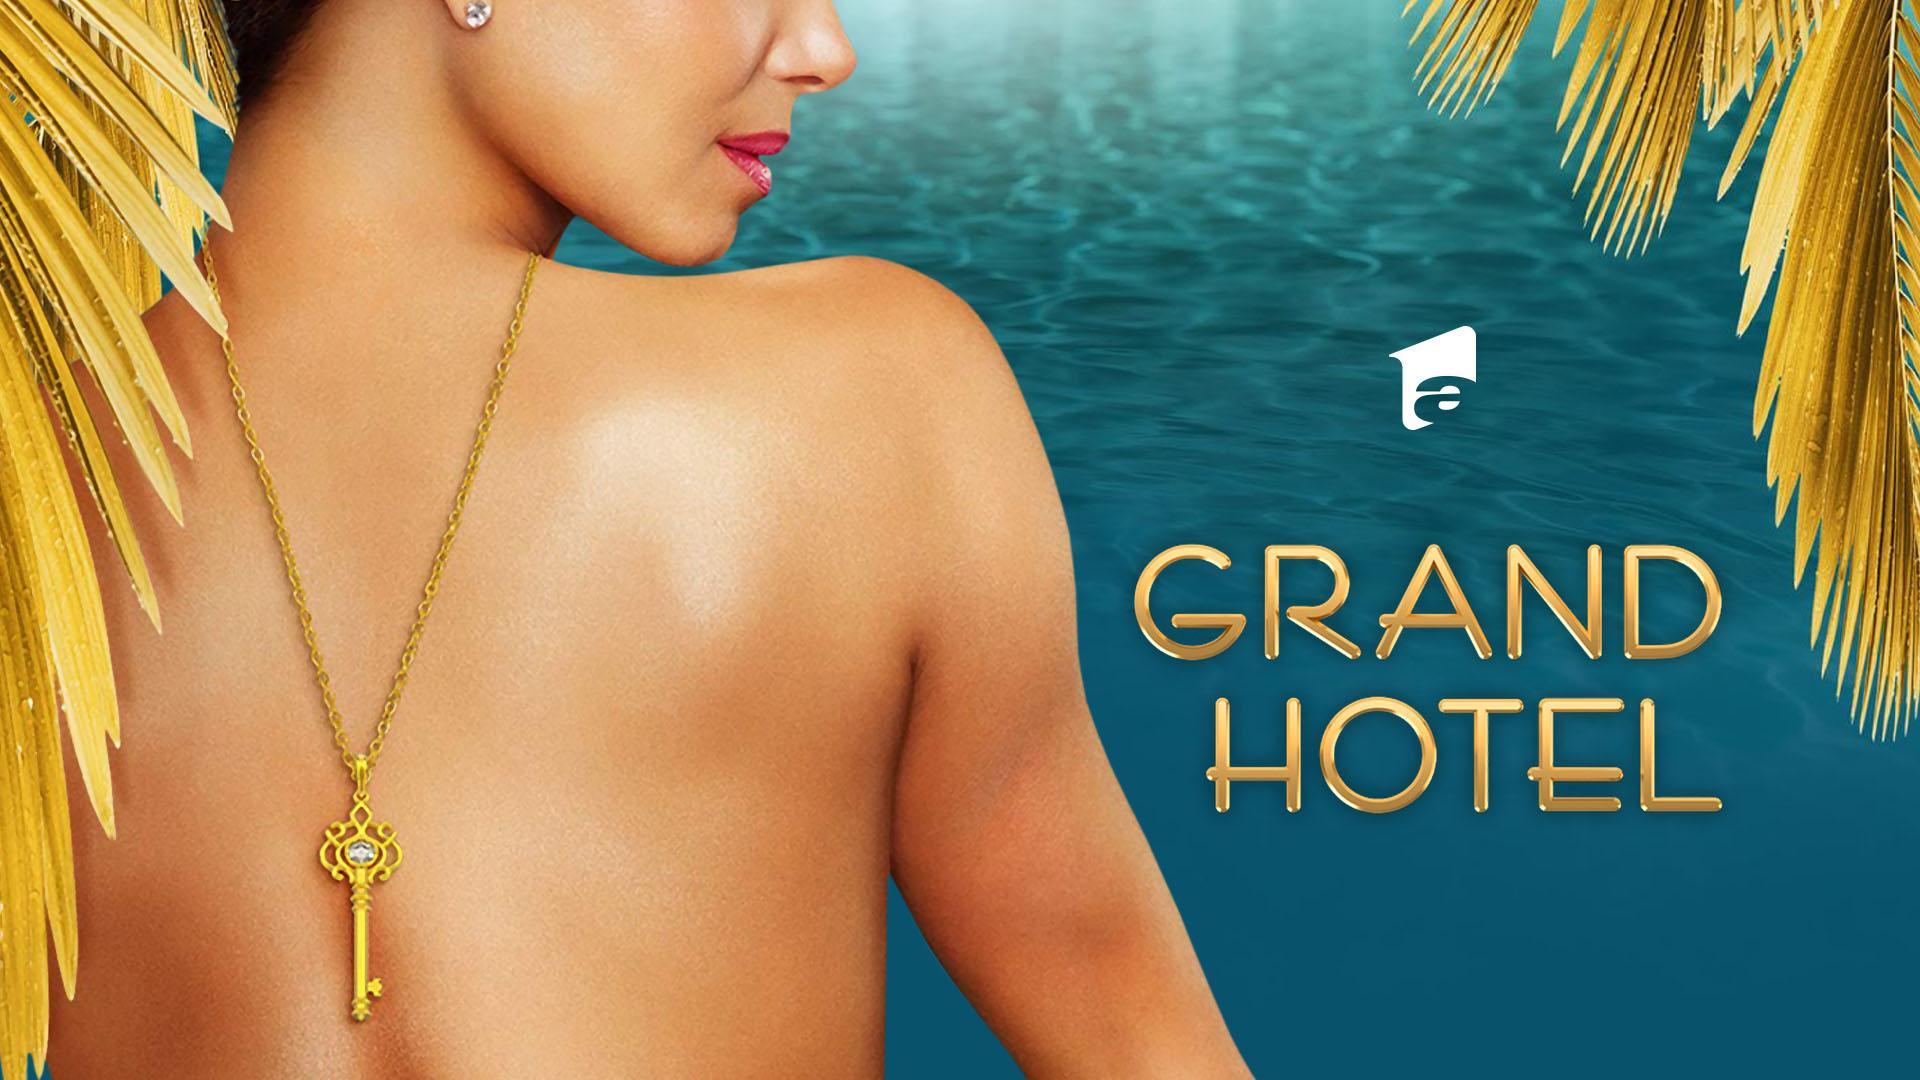 Povestea care te va cuceri! Serialul Grand Hotel se va difuza în fiecare marți și miercuri pe Antena 1